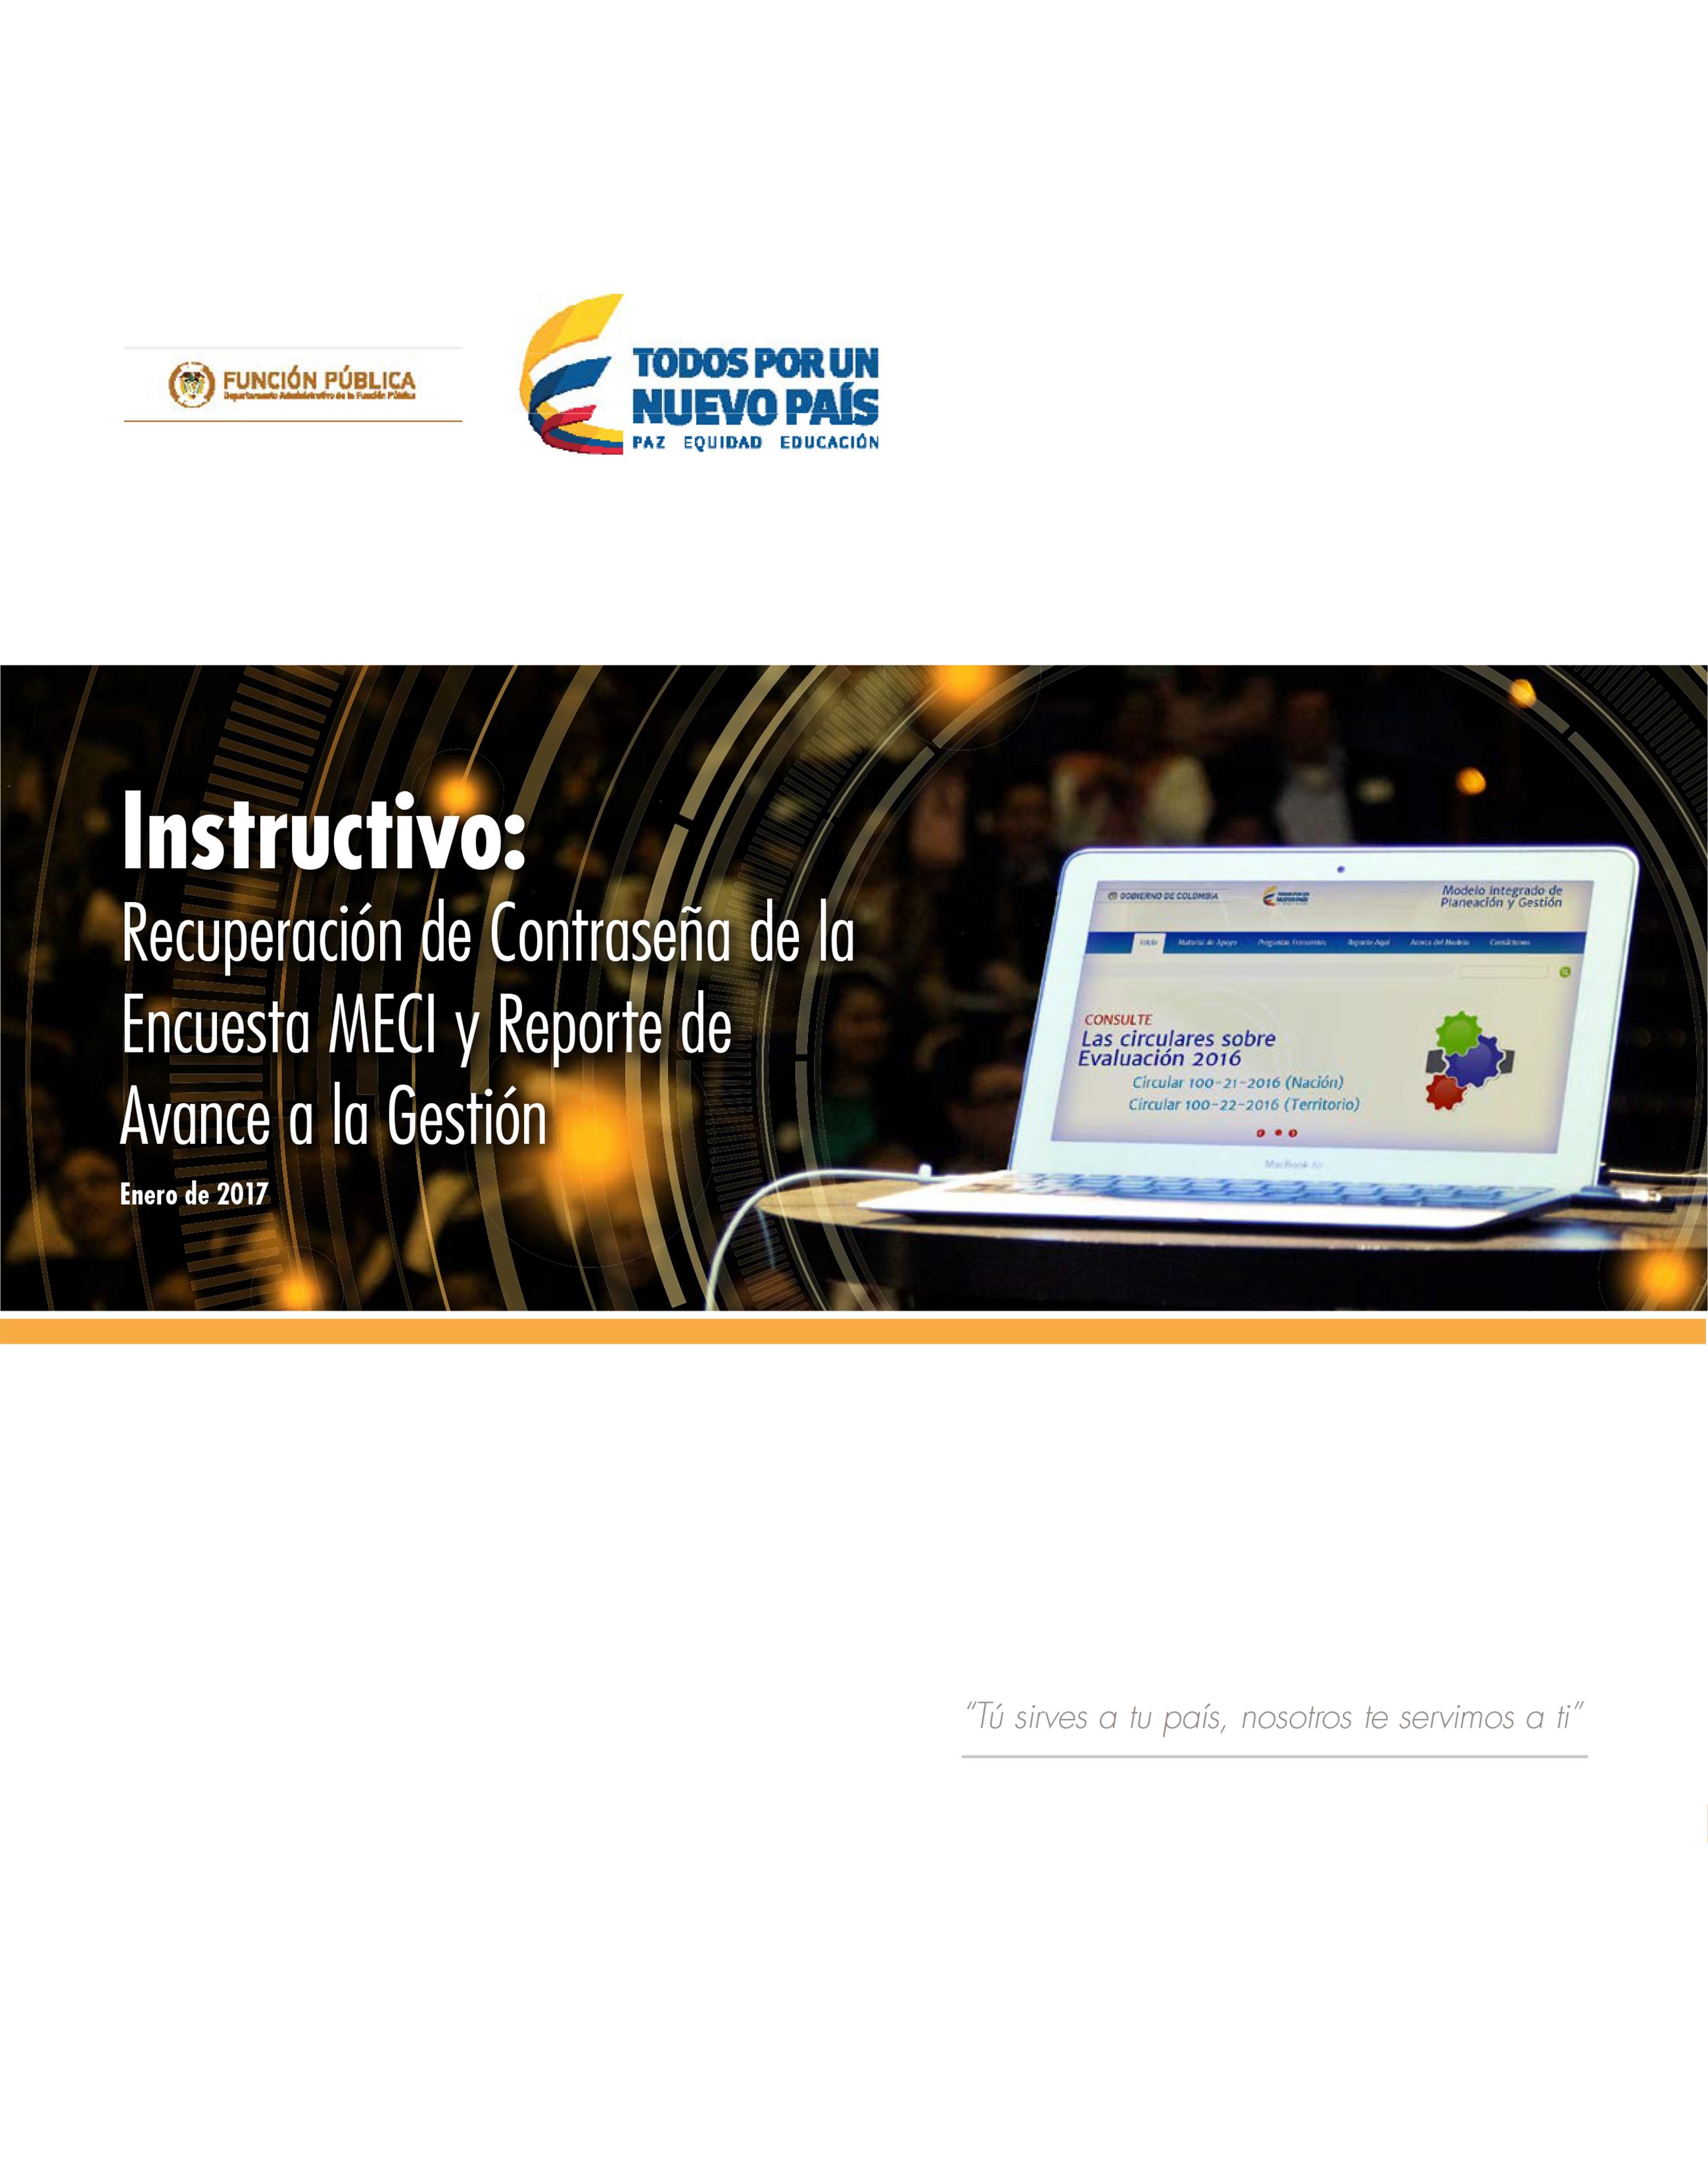 Instructivo: Recuperación de Contraseña de la Encuesta MECI y Reporte de Avance a la Gestión